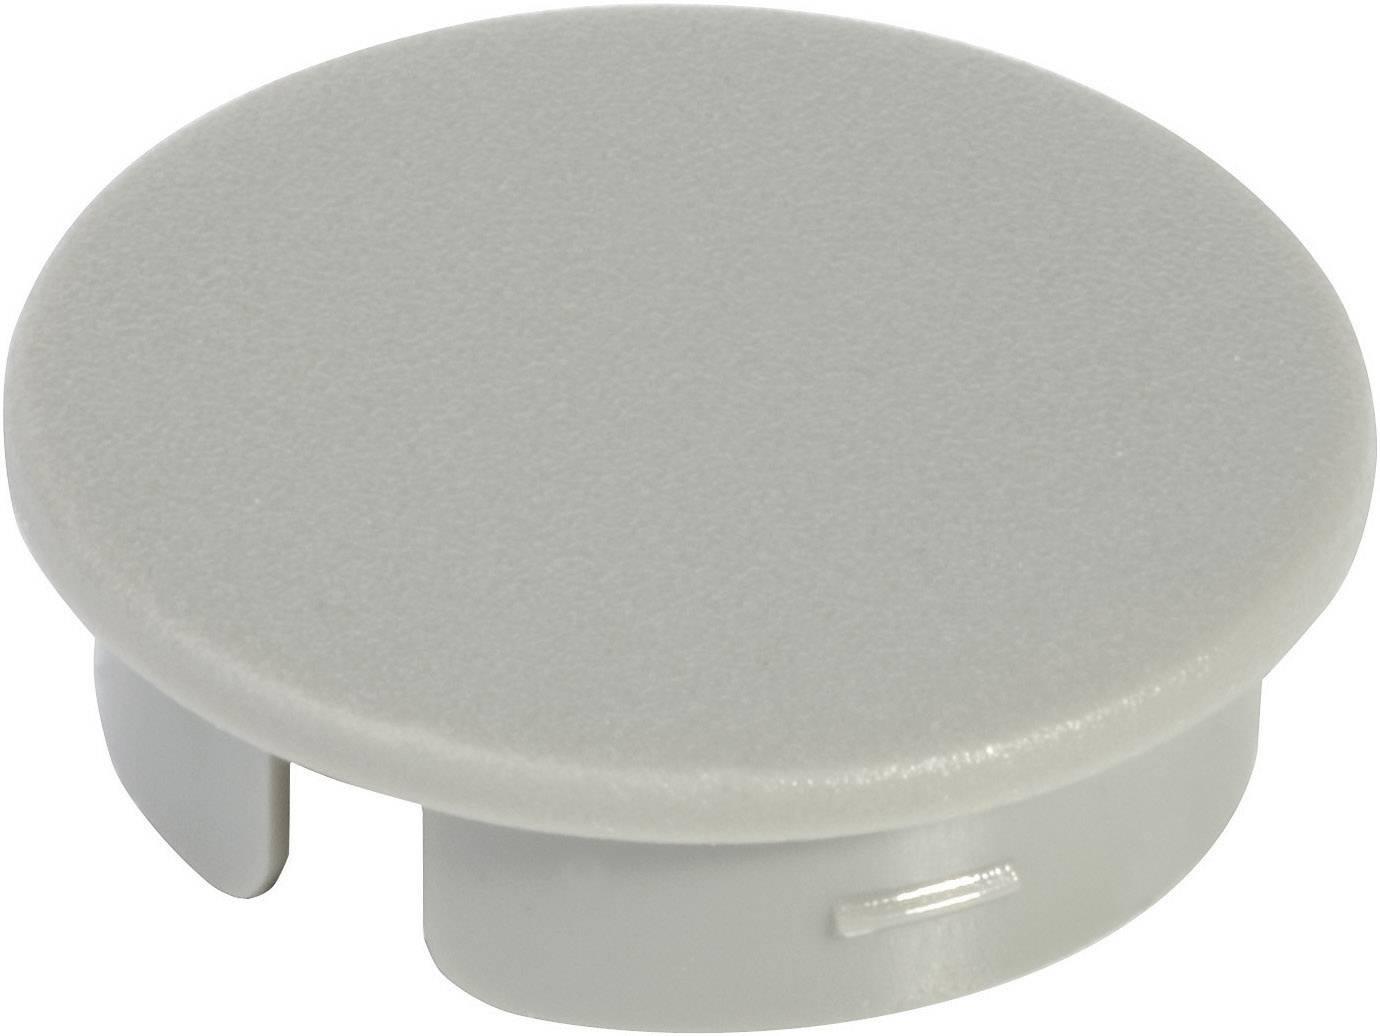 Krytka na otočný knoflík bez ukazatele OKW, pro knoflíky/O 20 mm, šedá